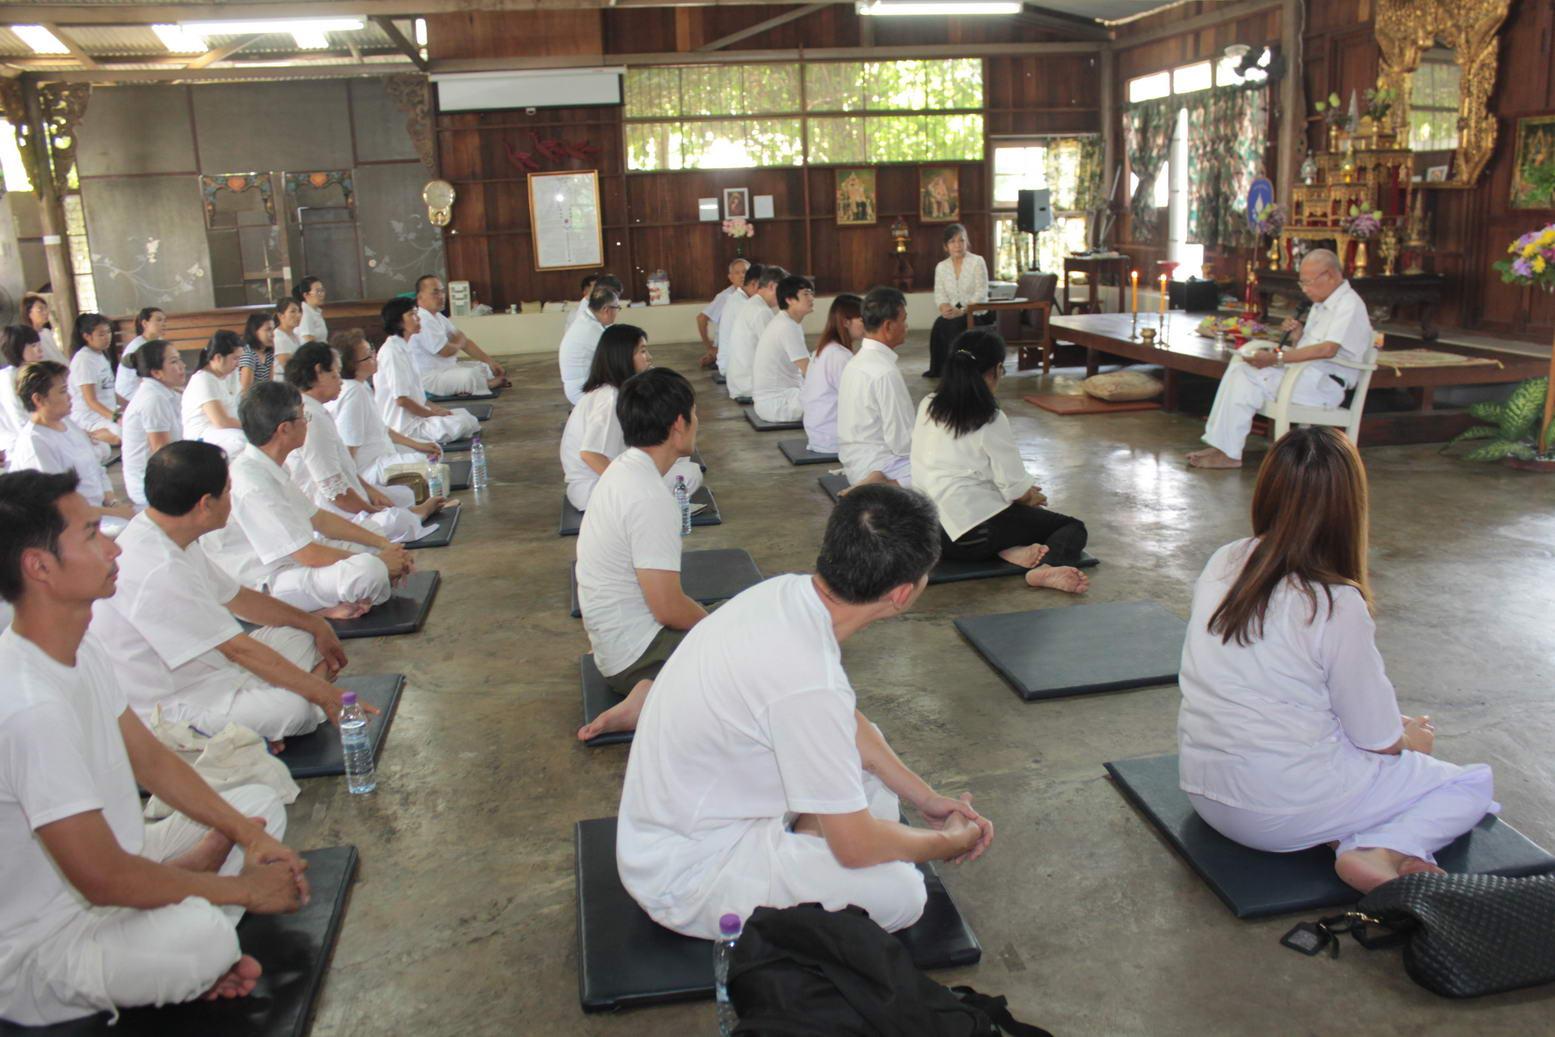 พิธีเปิดโครงการพัฒนาคุณธรรมและจริยธรรม : การฝึกอบรมพัฒนาสติและปัญญา ปีที่ 22